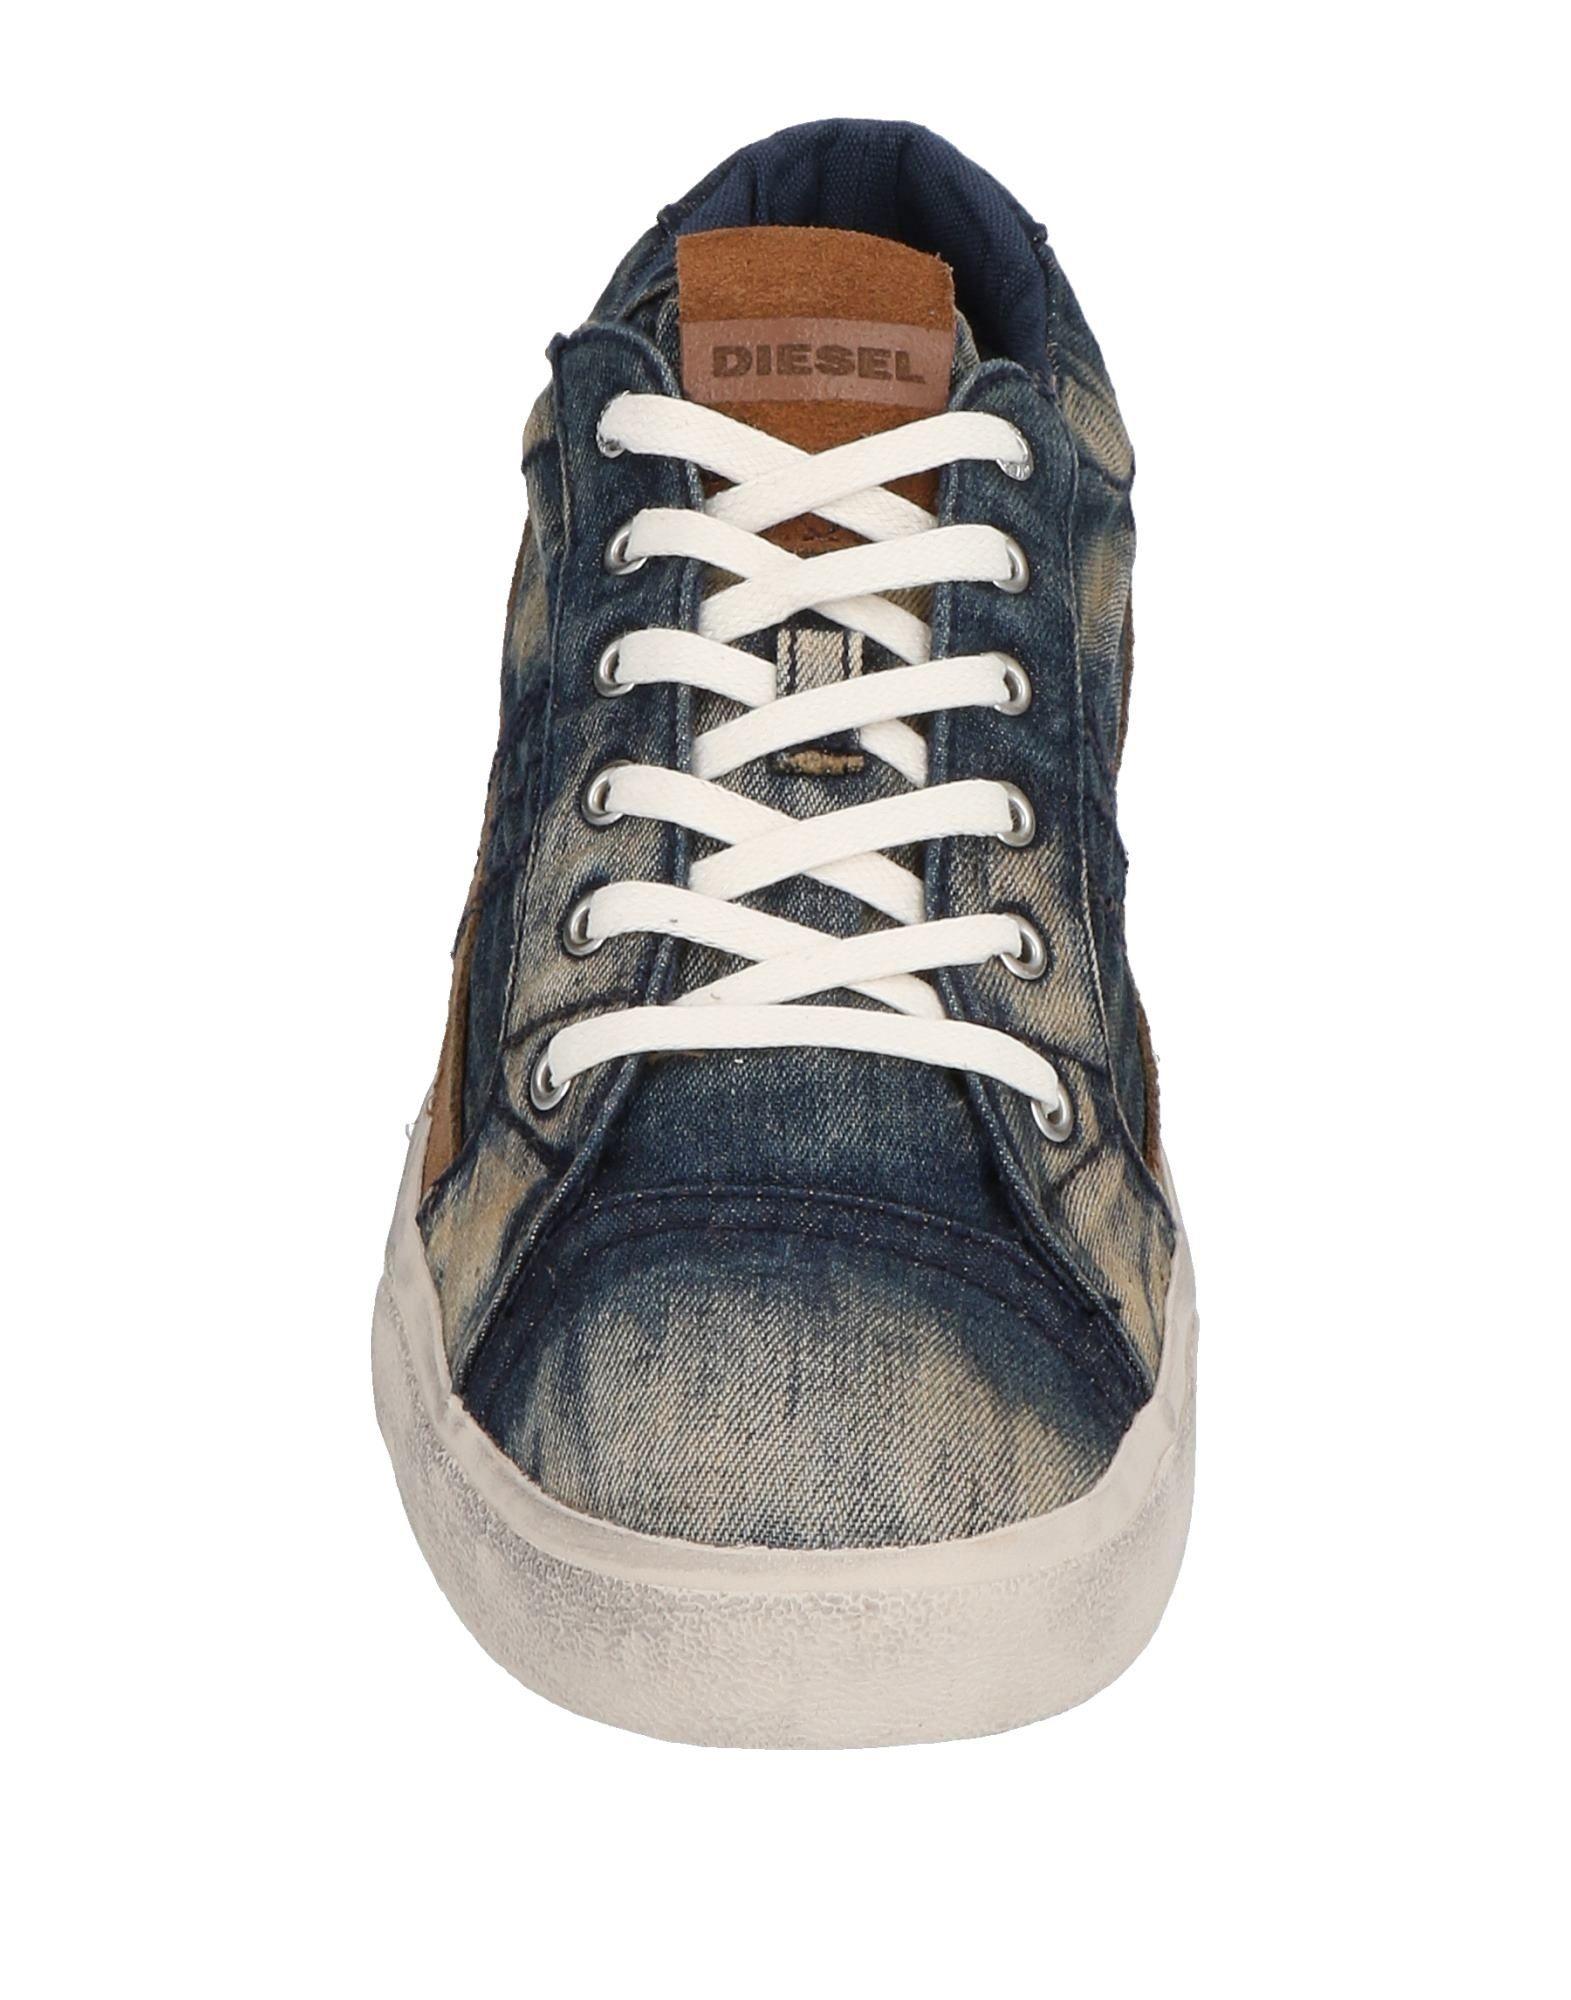 Diesel Sneakers Herren   Herren 11491289IS 5ef411